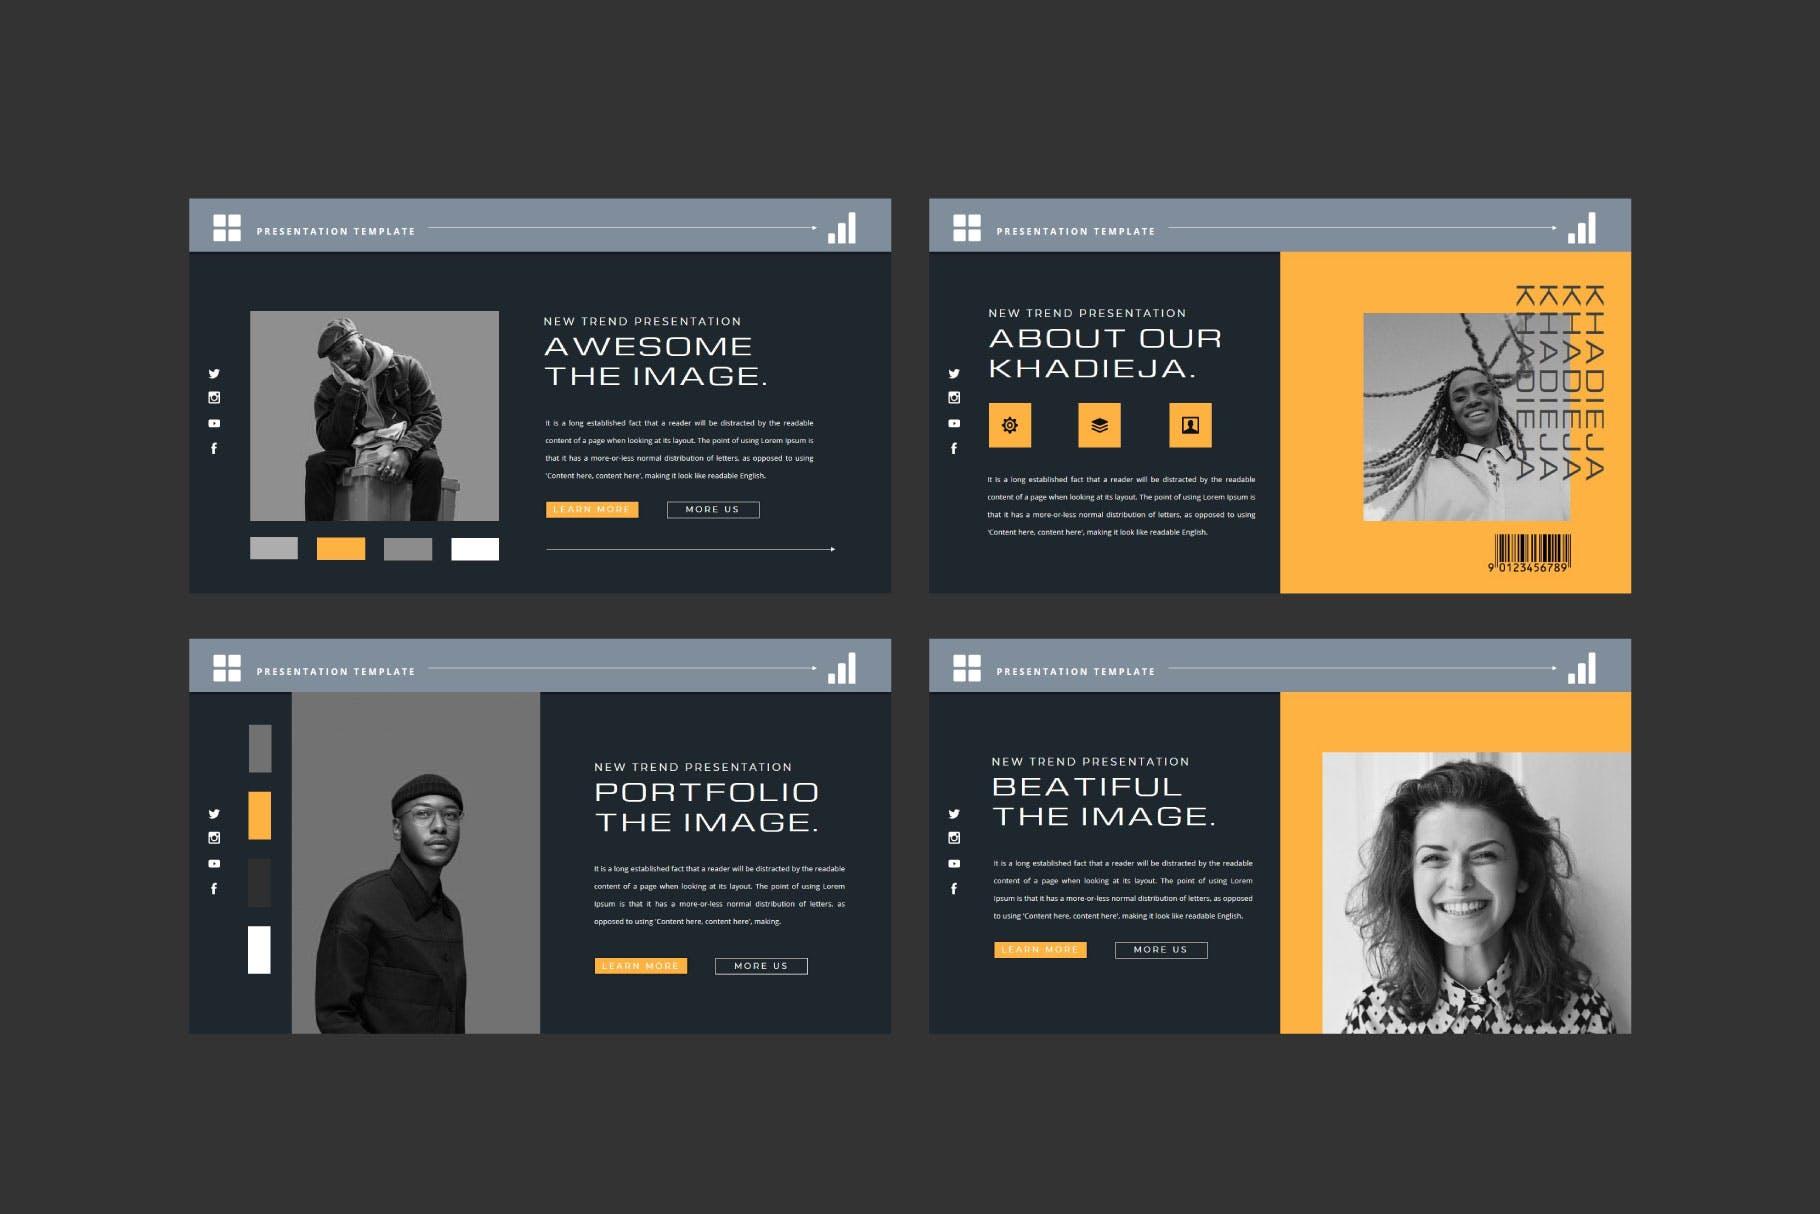 潮流品牌策划提案简报作品集设计演示文稿模板 KHADIEJA Powerpoint Template插图3